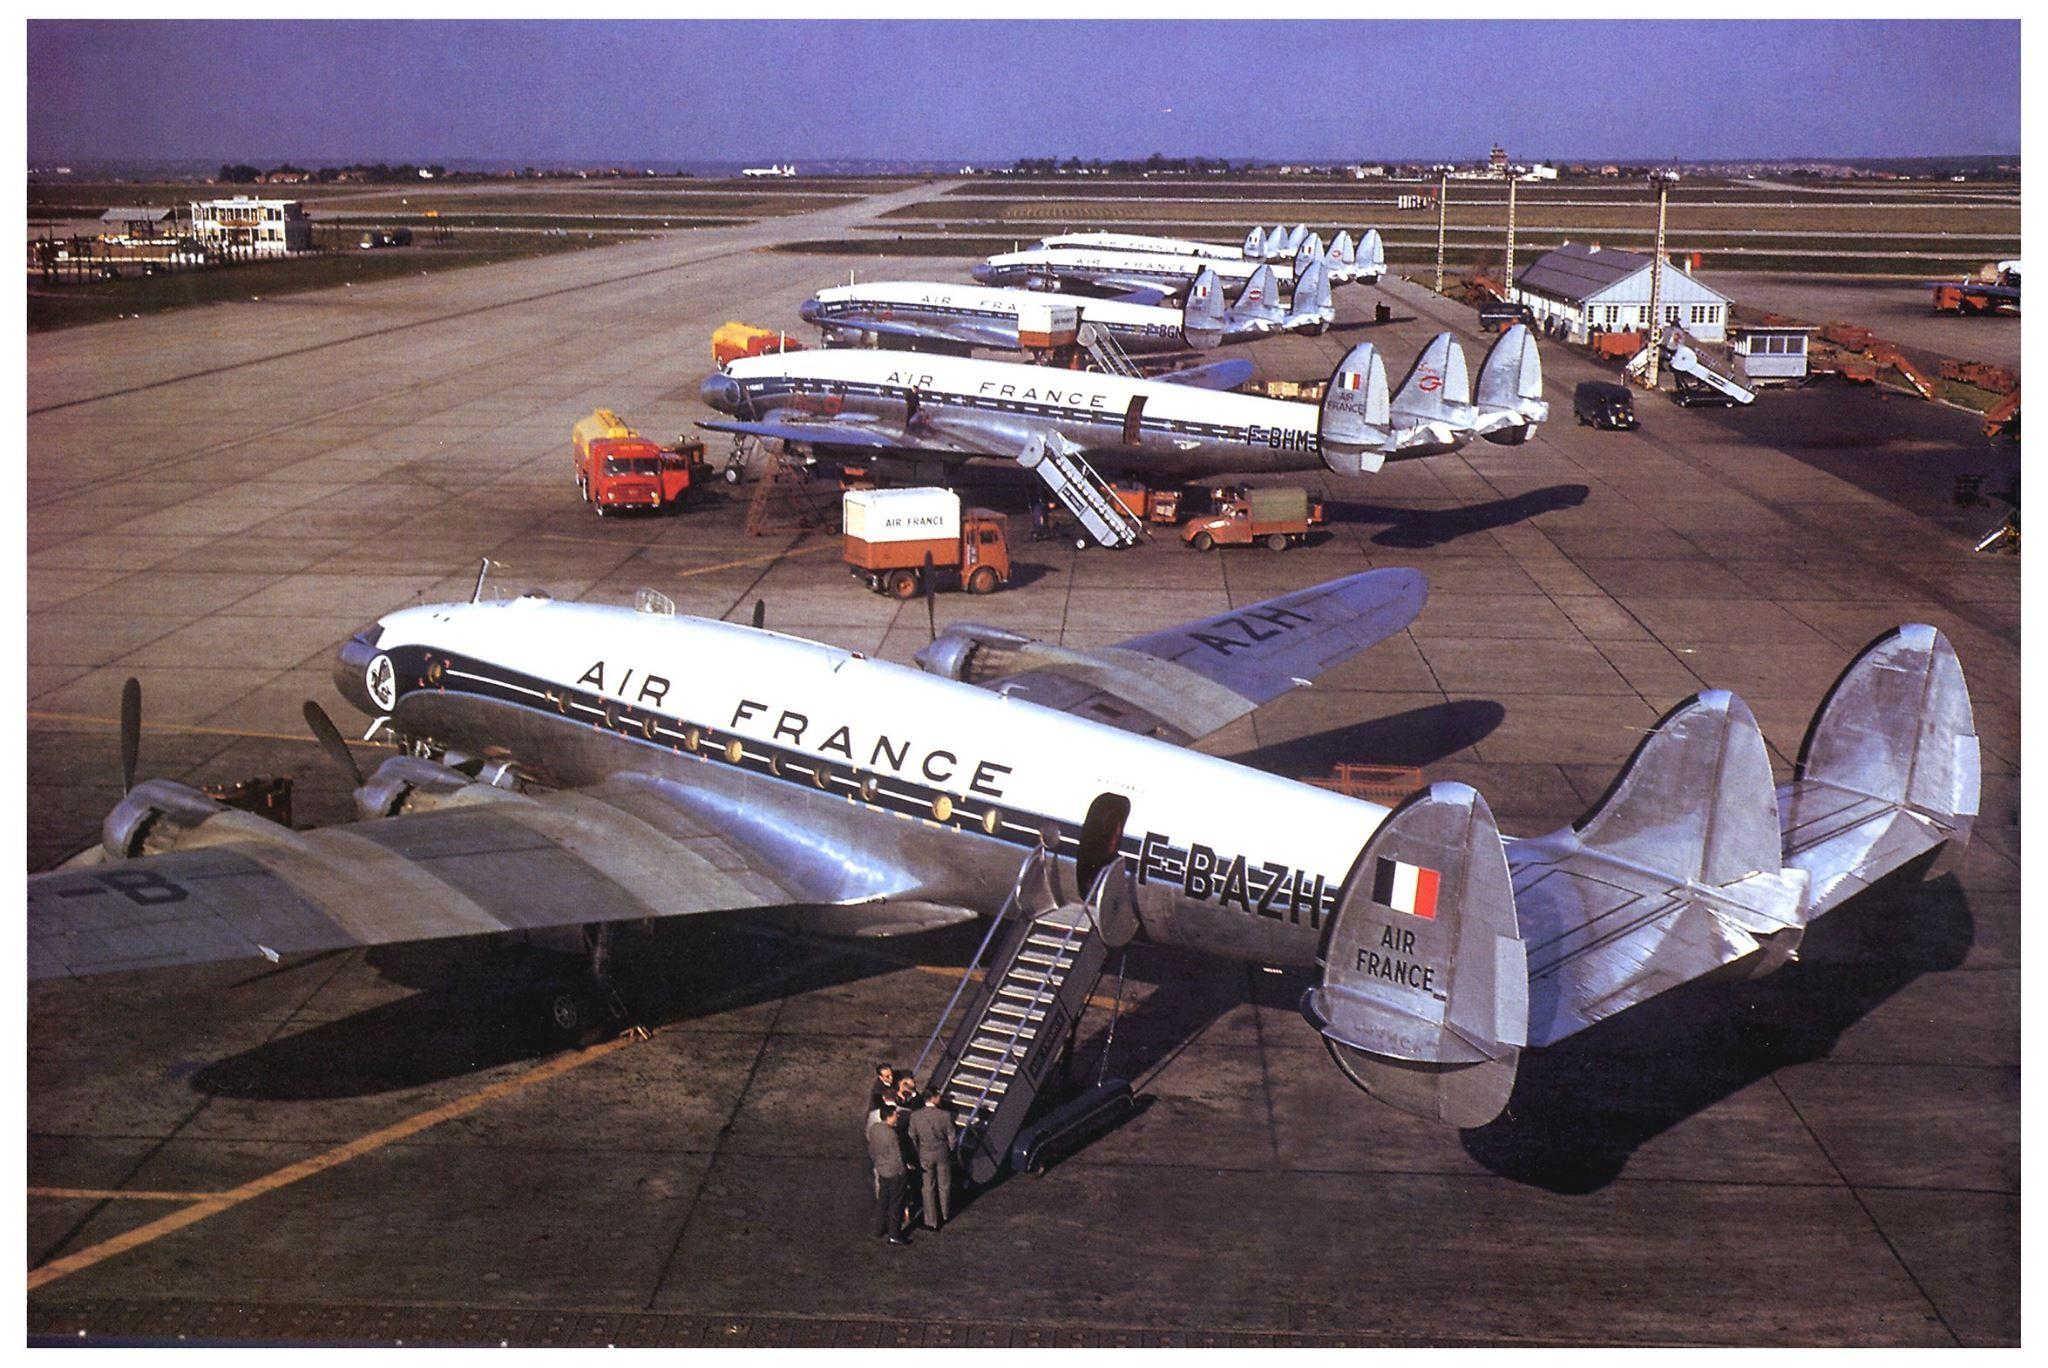 Air France Lockheed L749A Constellation FBAZH c/n 2627